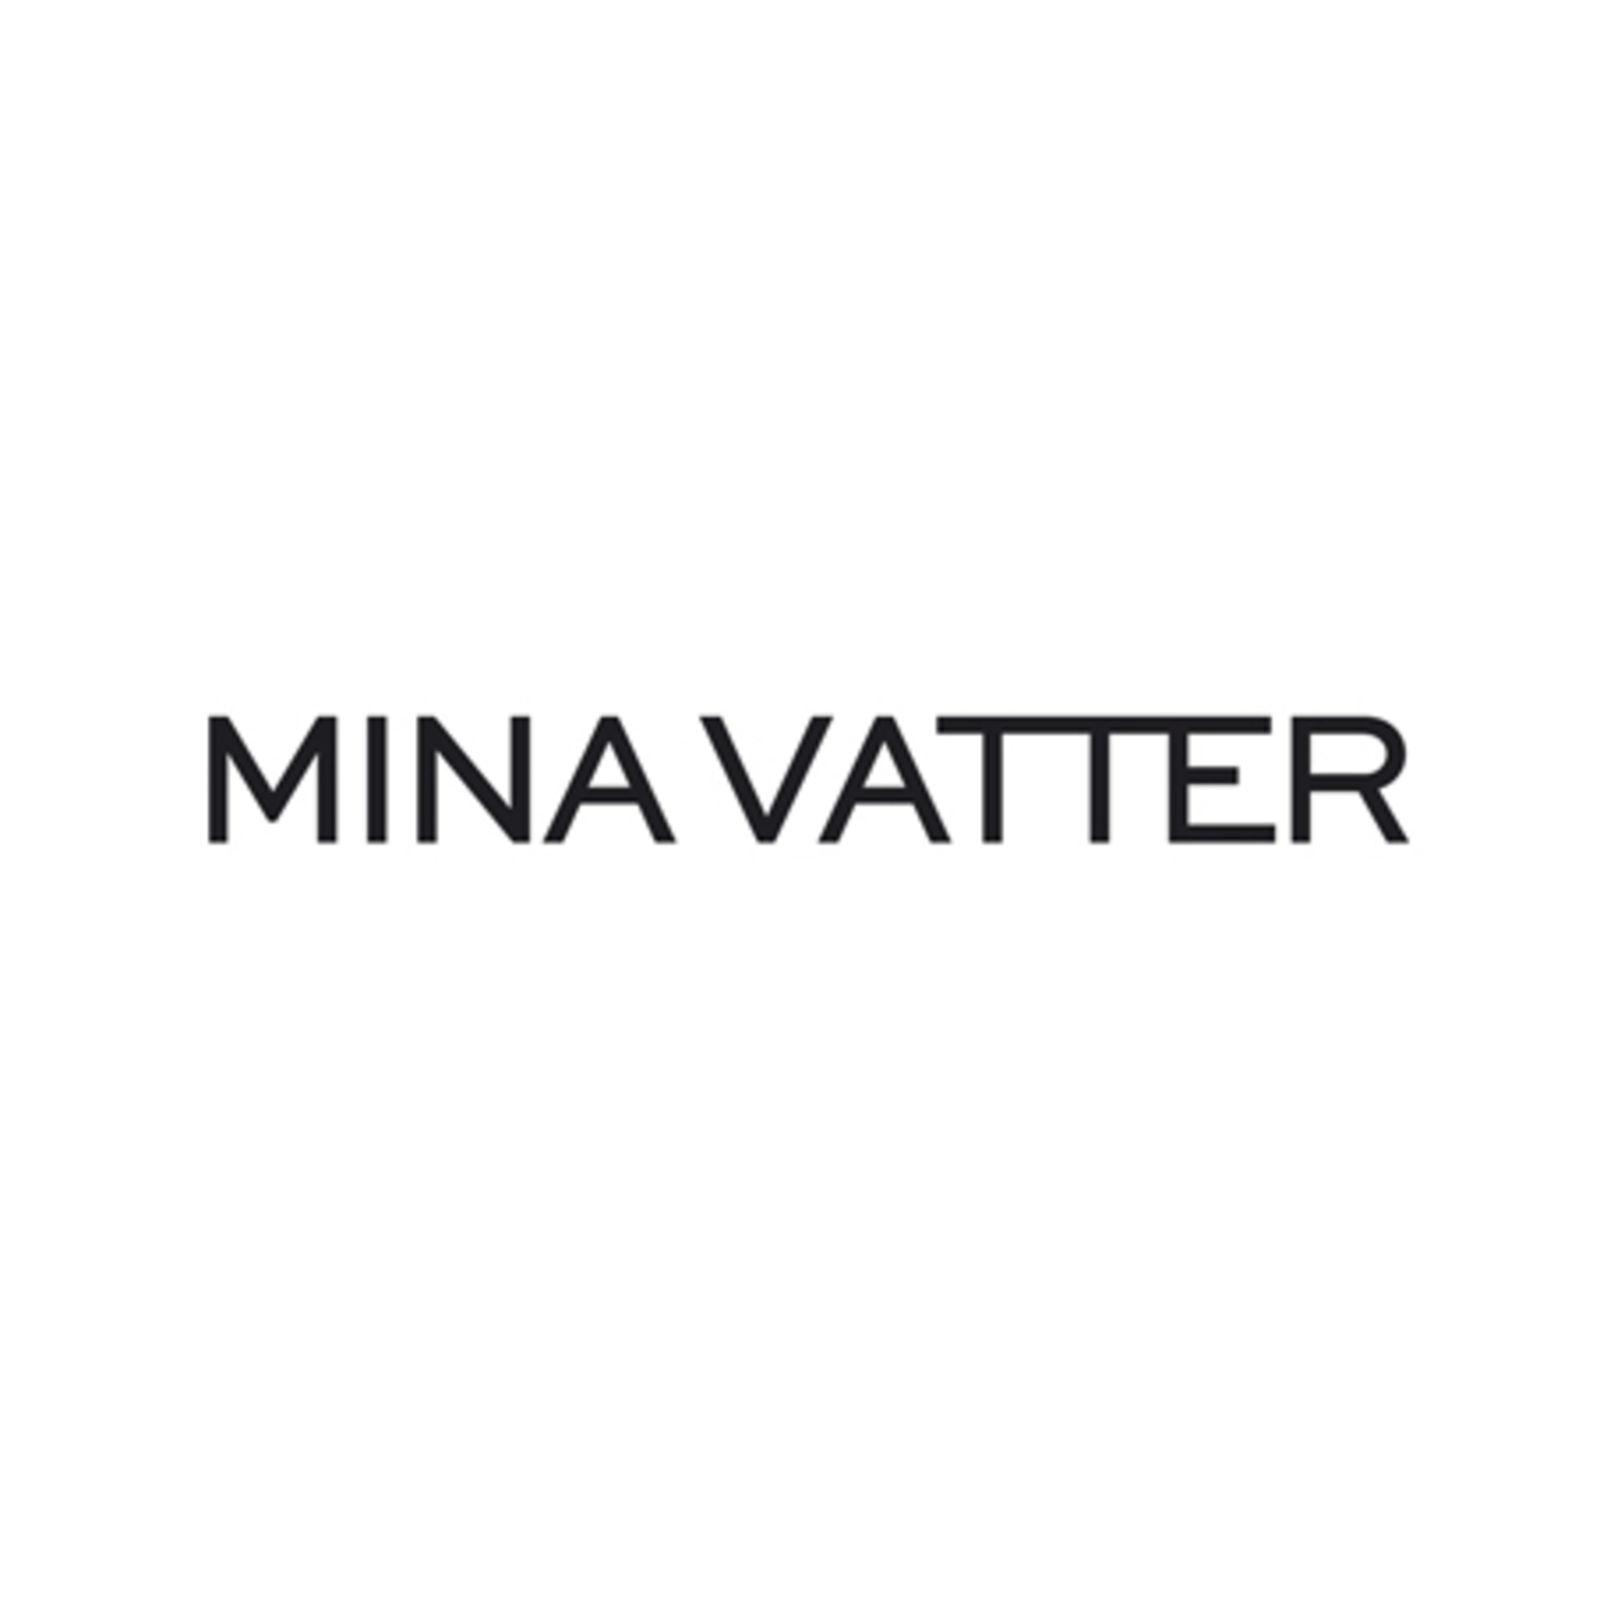 MINA VATTER